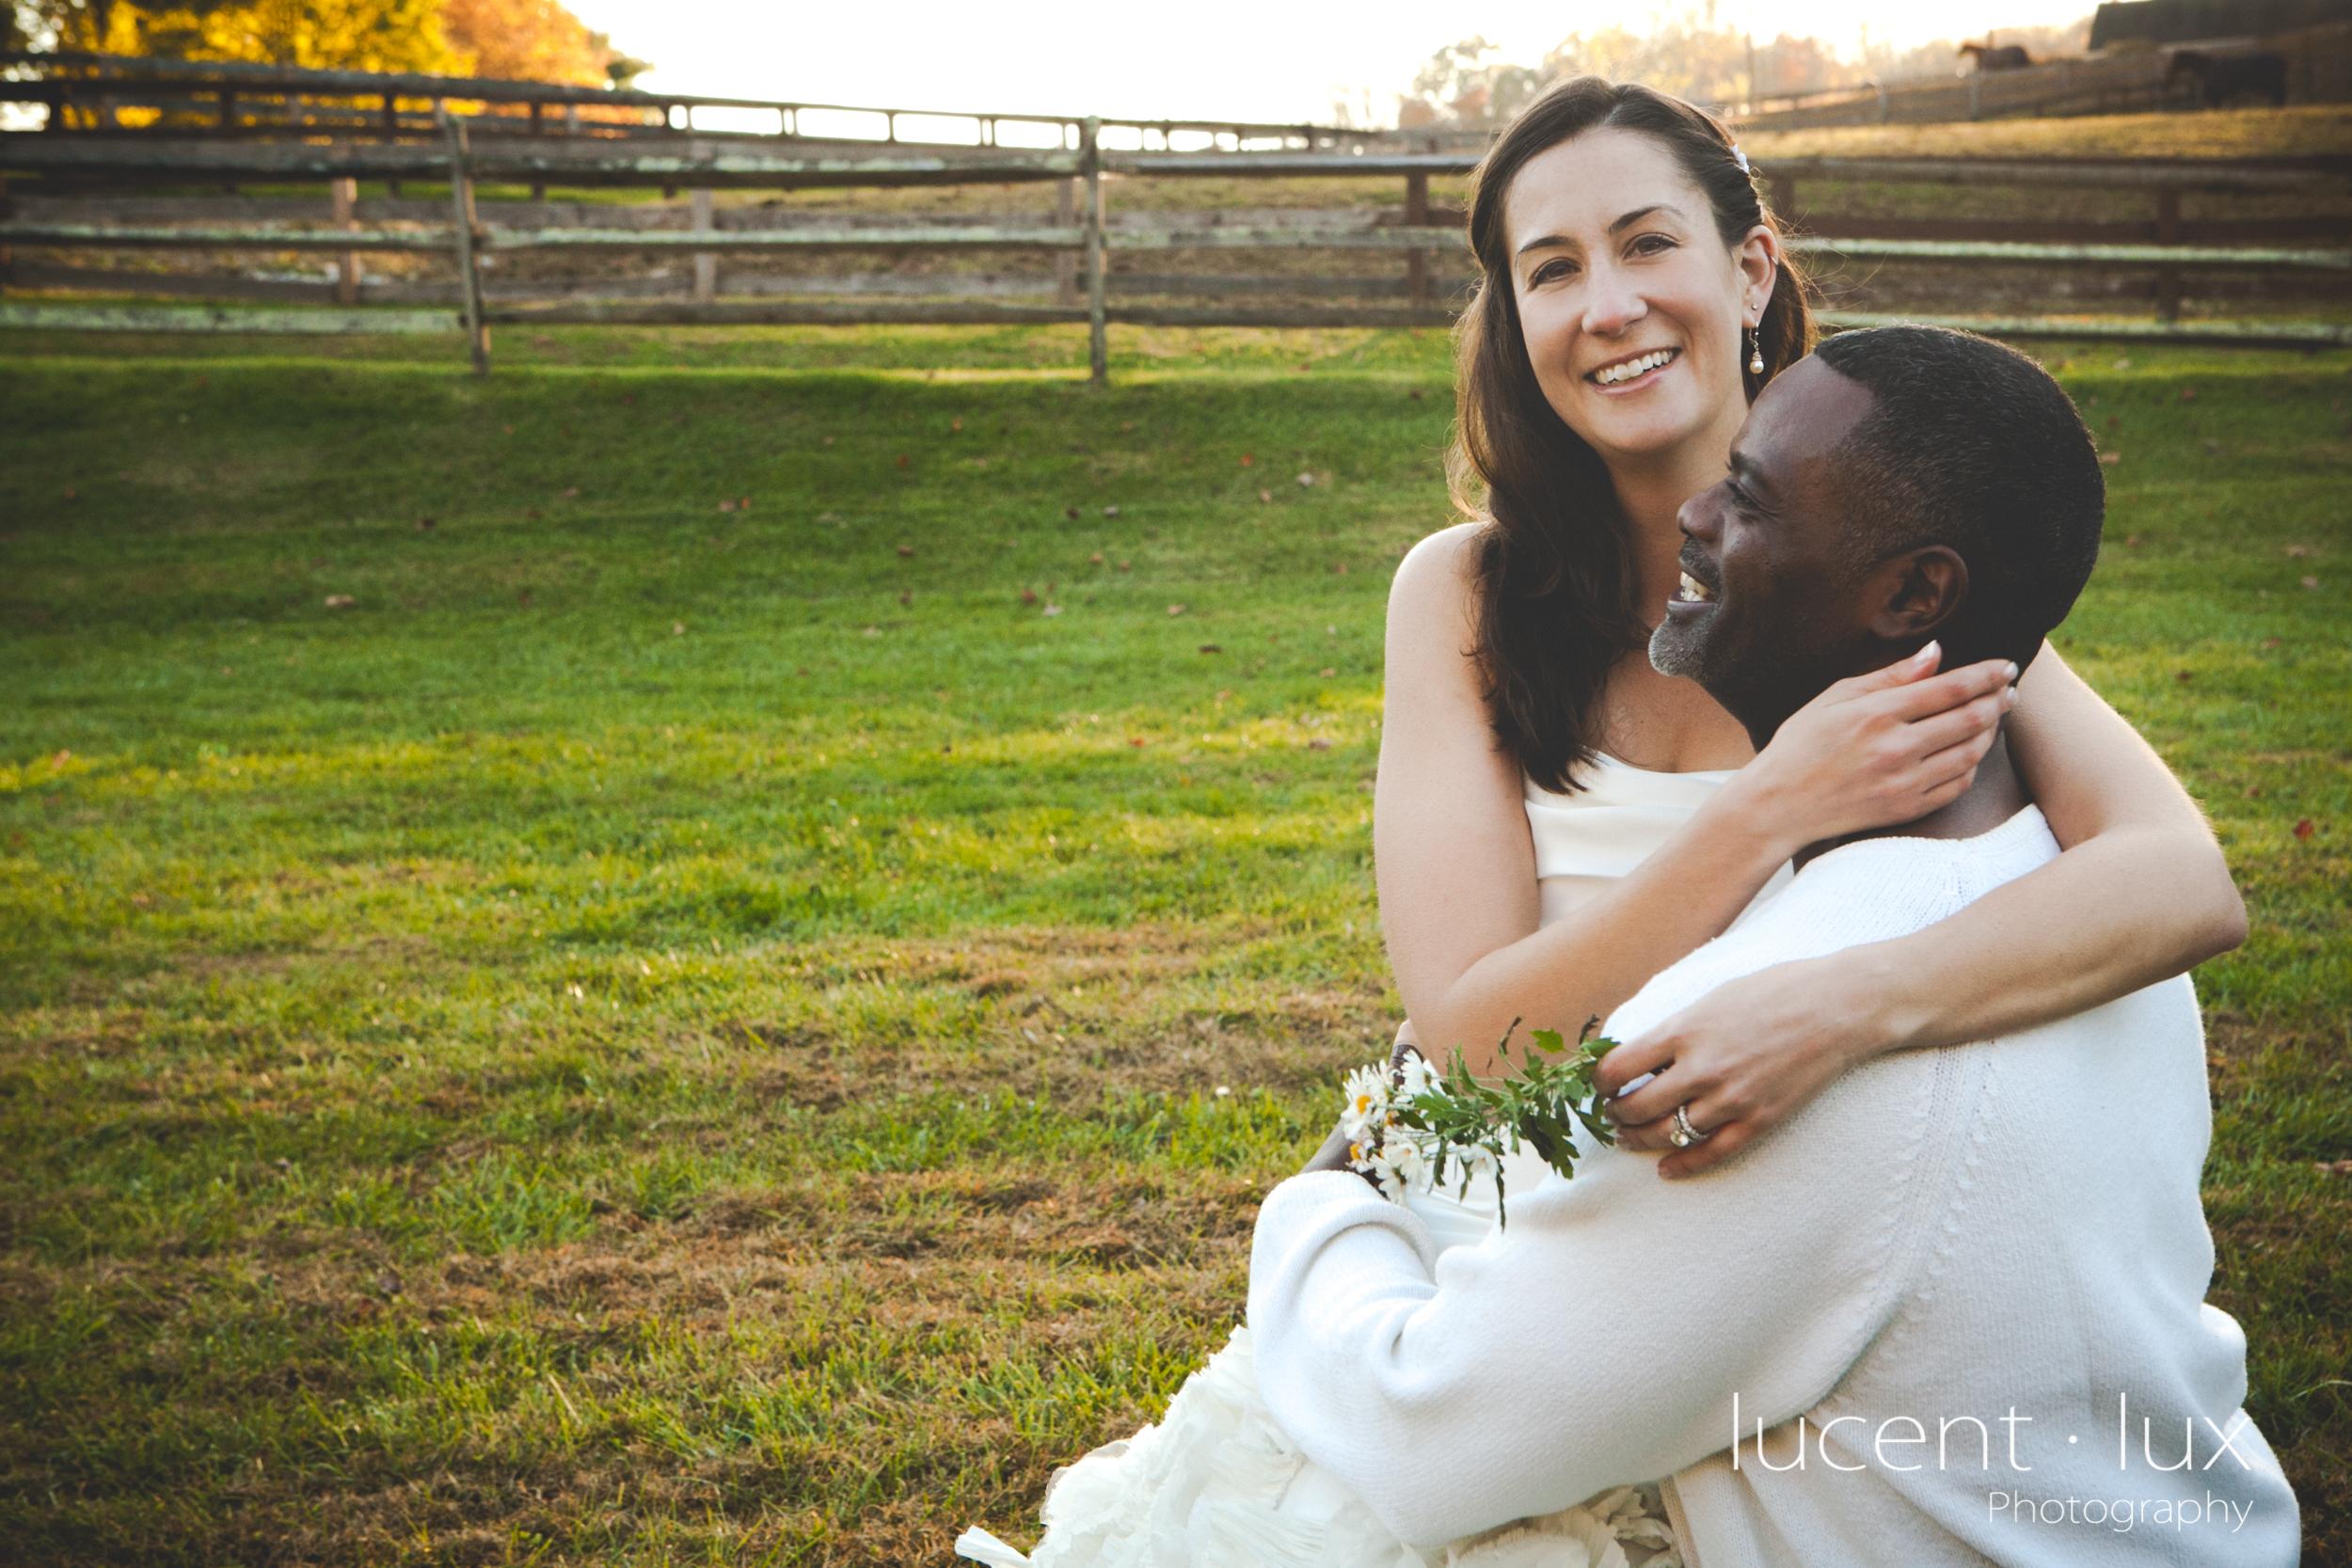 Baltimore-Maryland-Engagement-Photography-Wedding-Washington-DC-Photographer-Portrait-Engagement-211.jpg